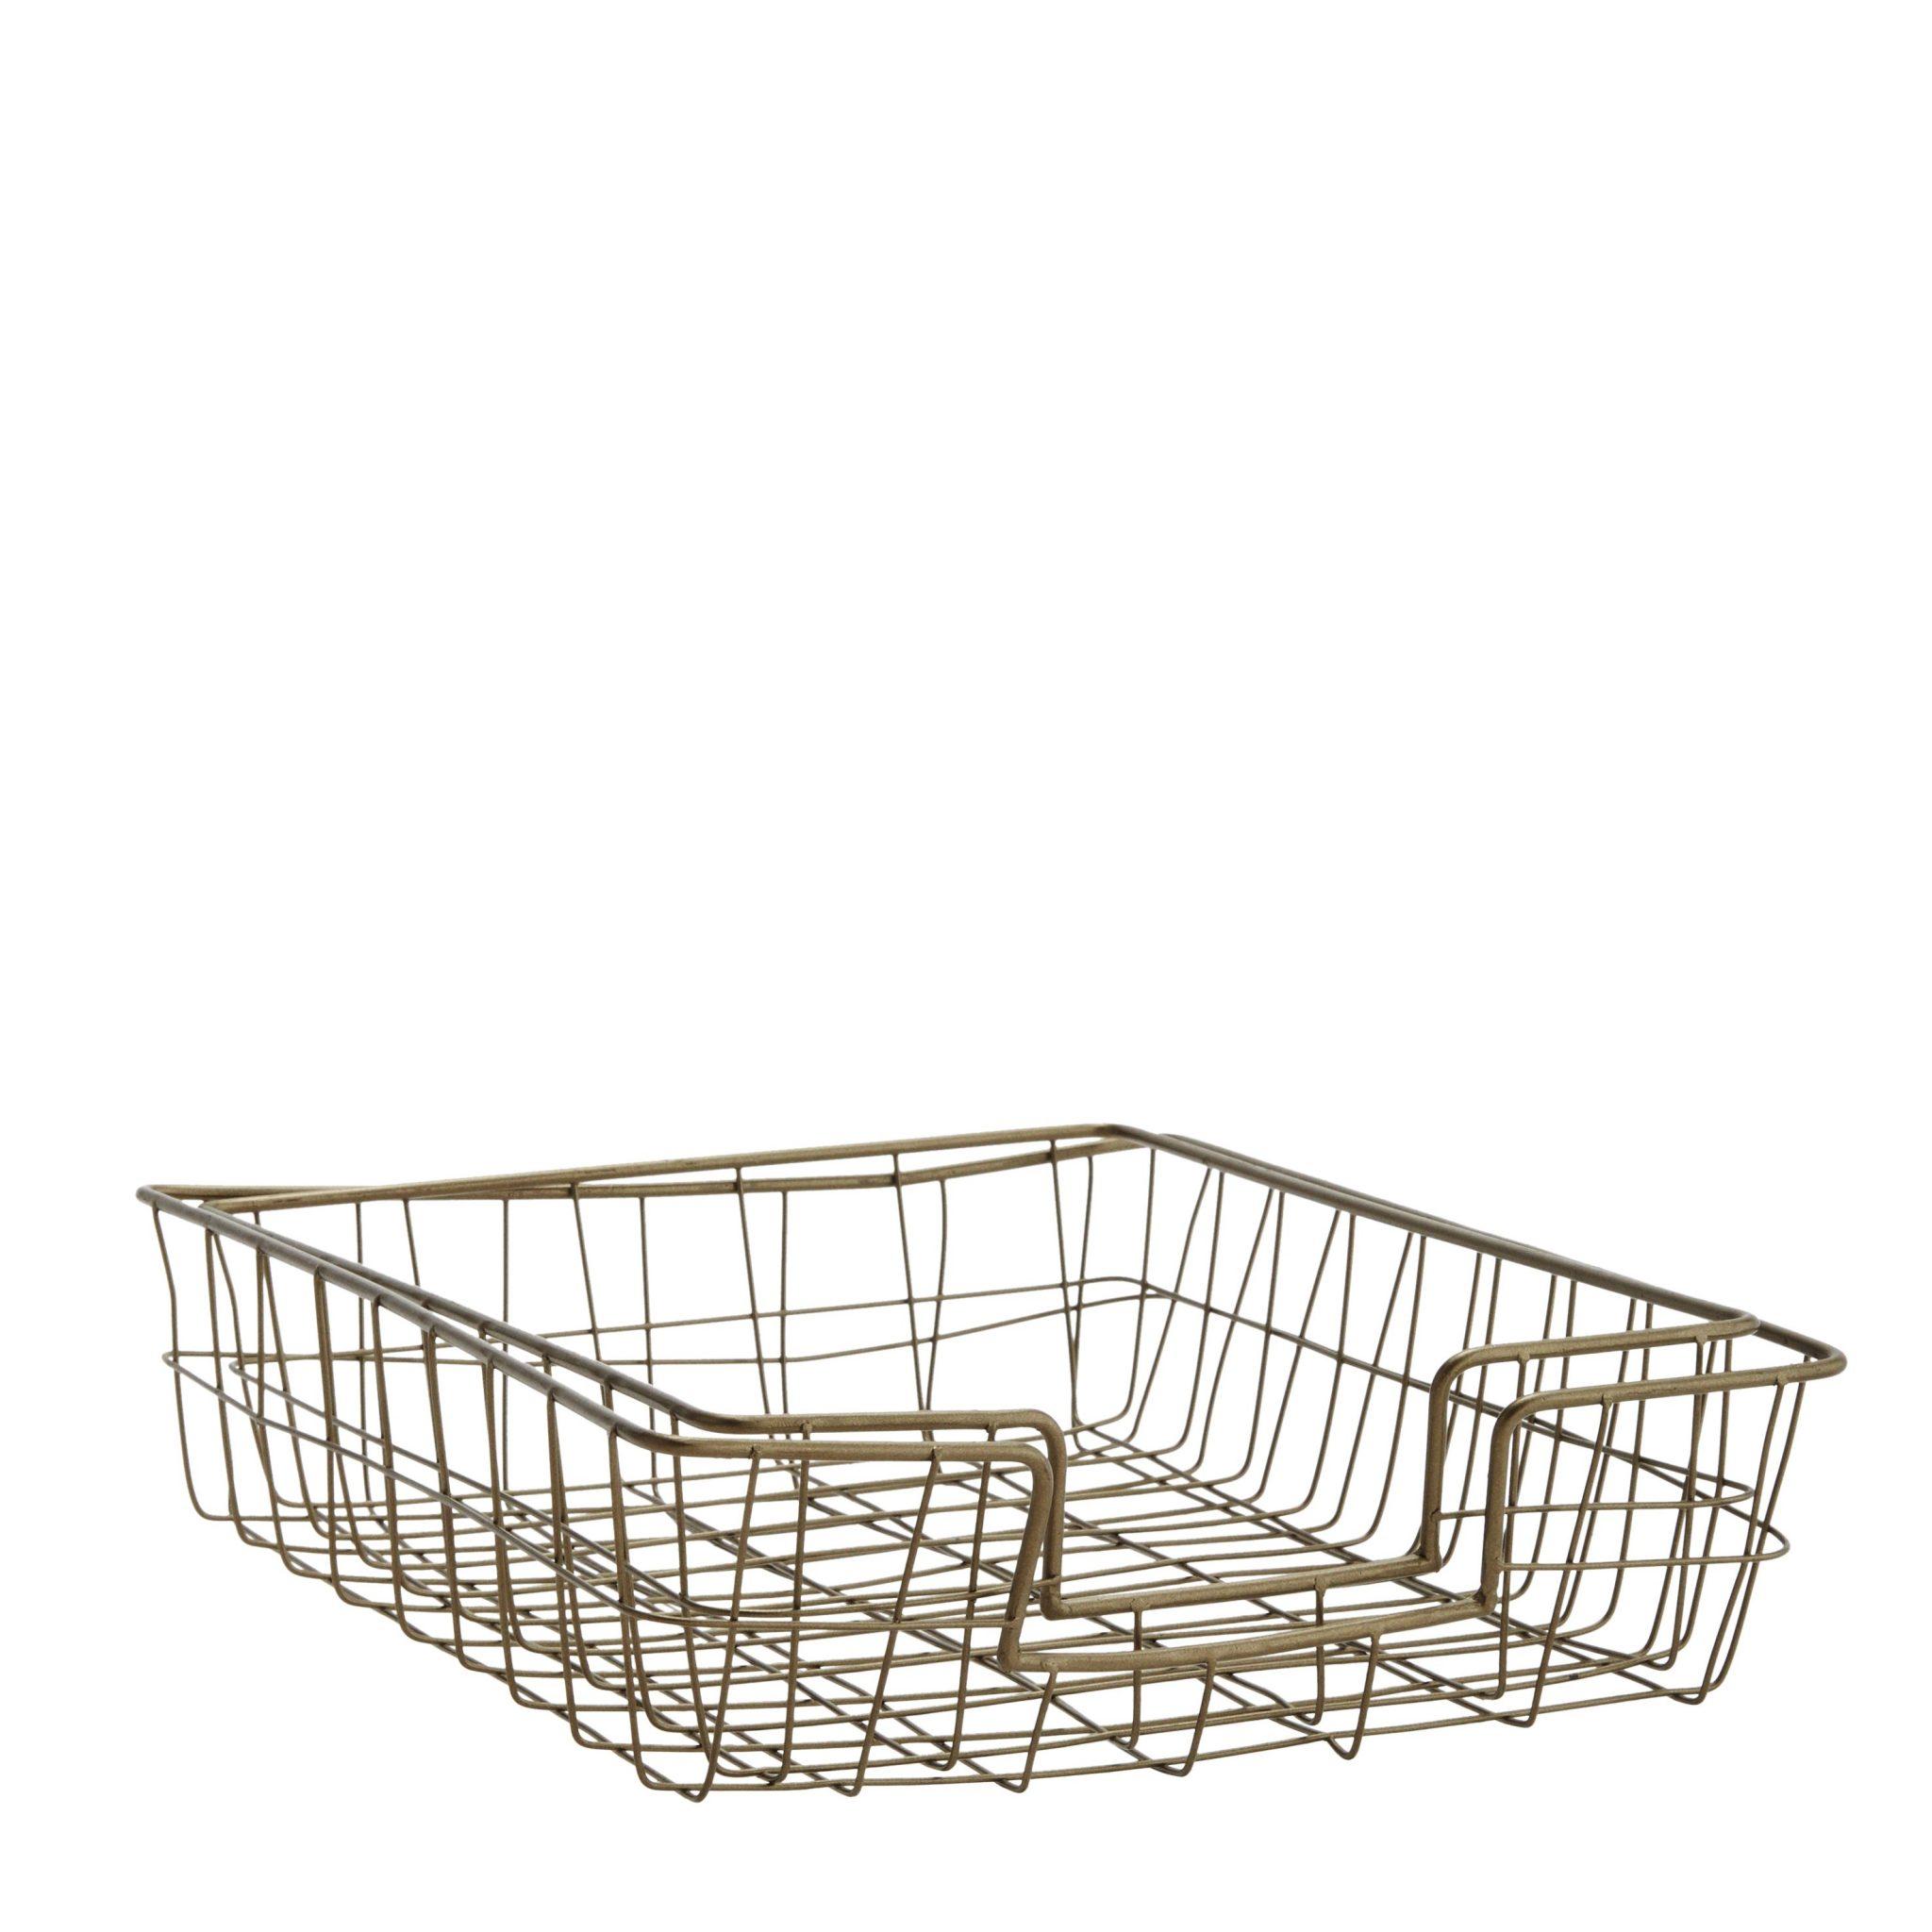 Papierf cher aus metall popshop skandinavische einrichtung for Einrichtung deko shop